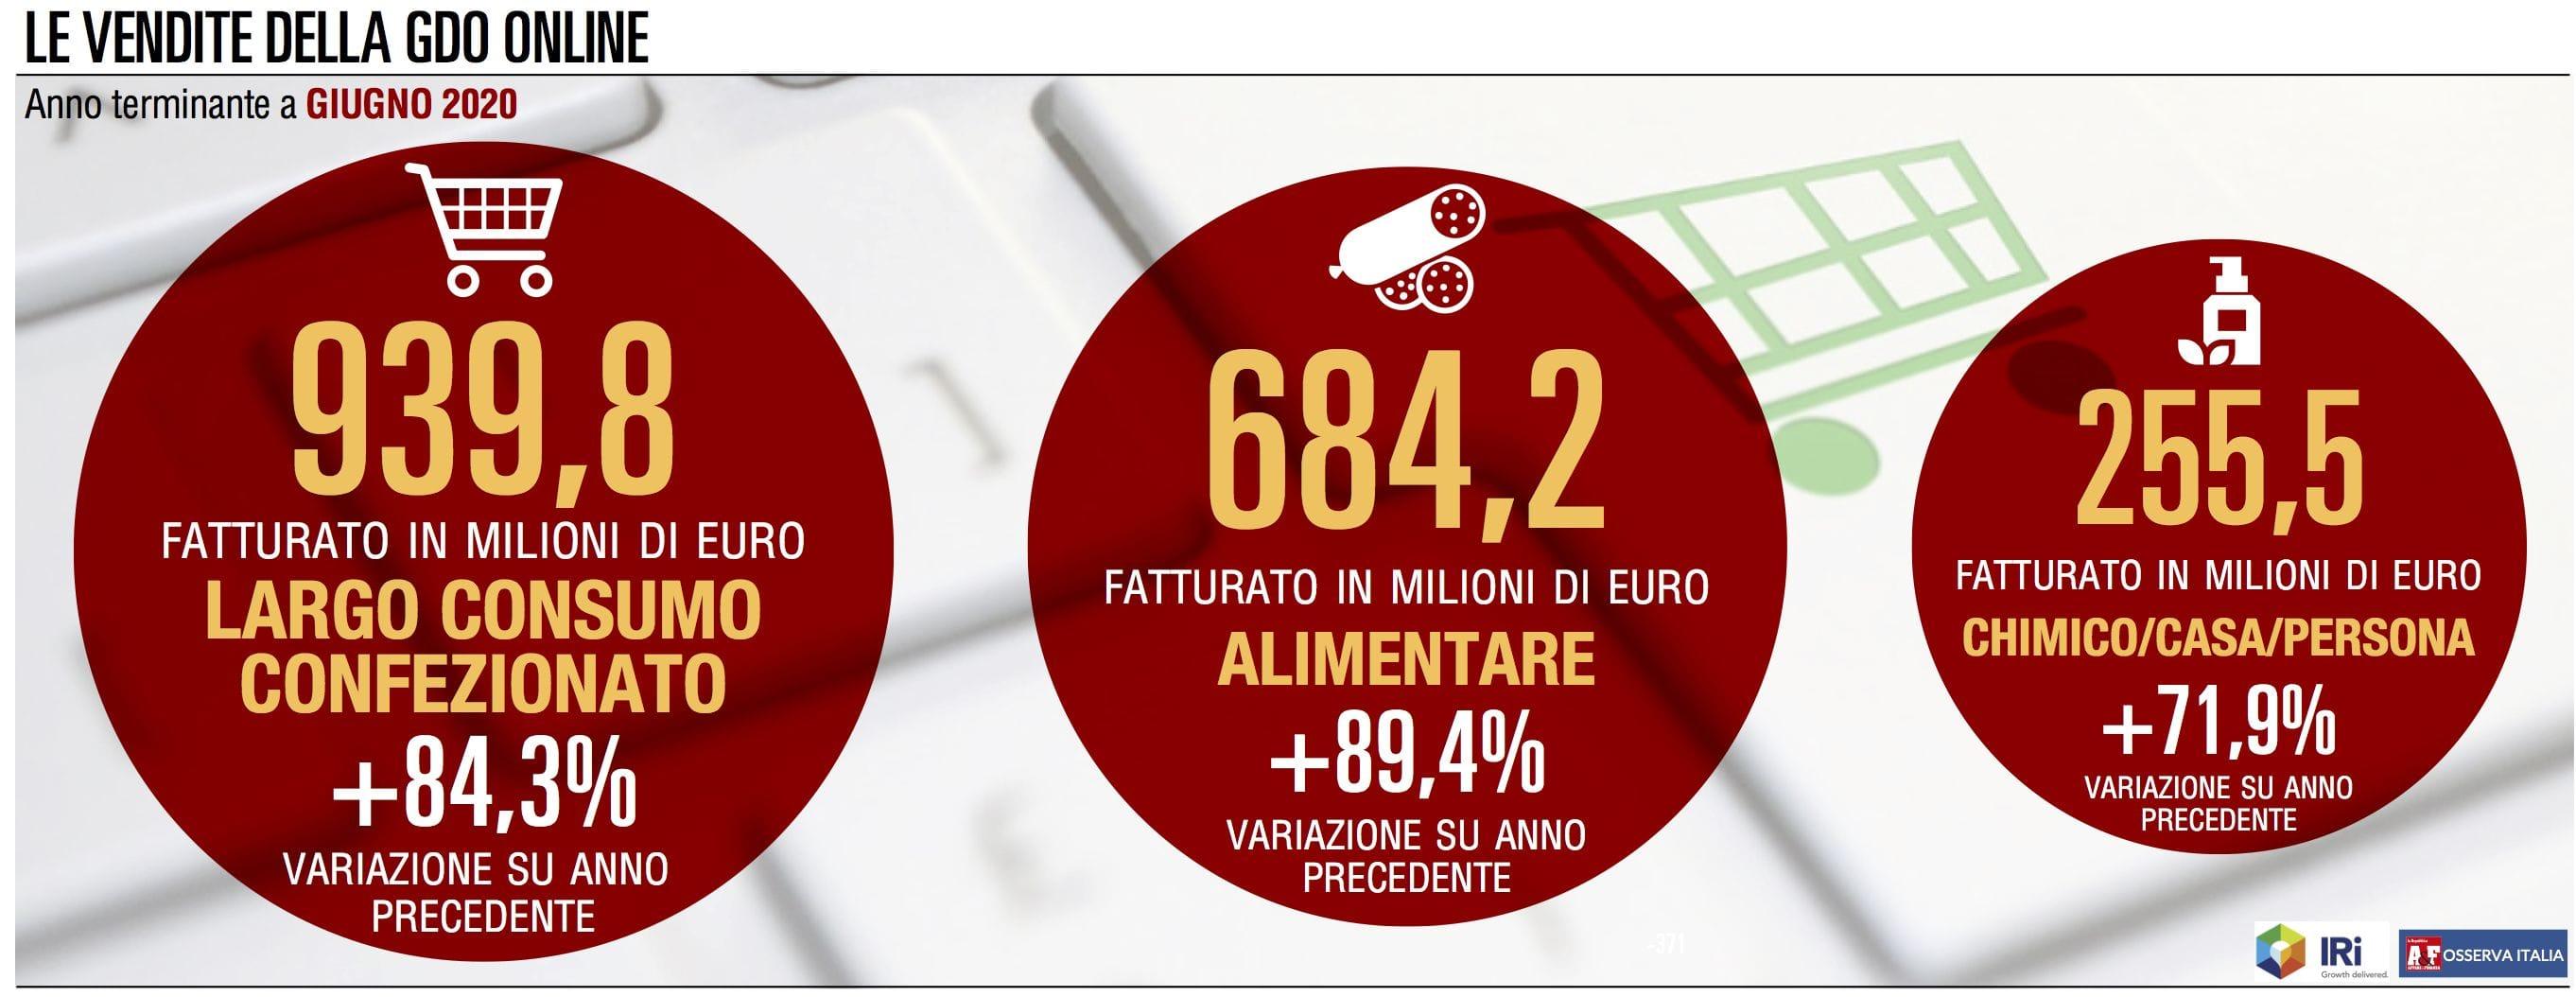 Le vendite online della Gdo continuano a correre (solo un po' più piano)